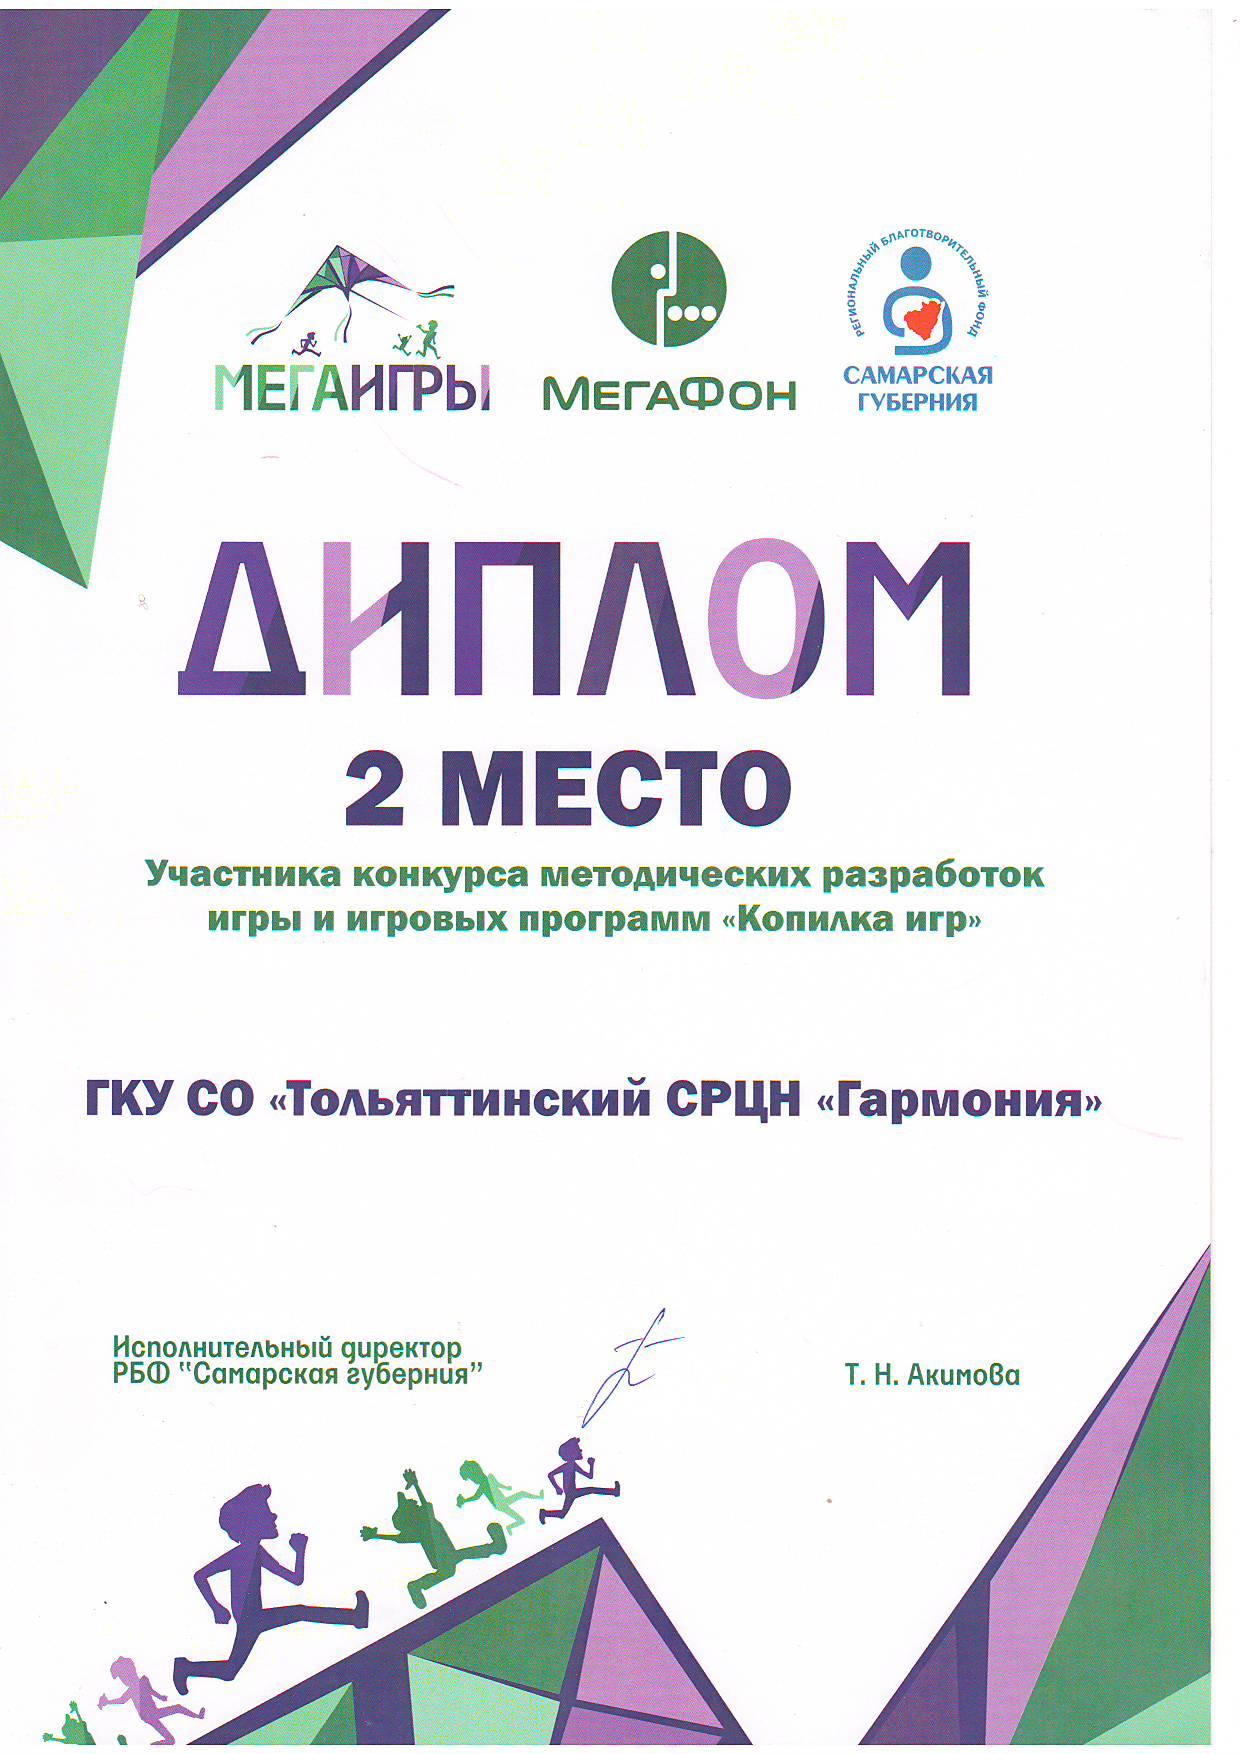 ГКУ СО Тольяттинский СРЦН Гармония